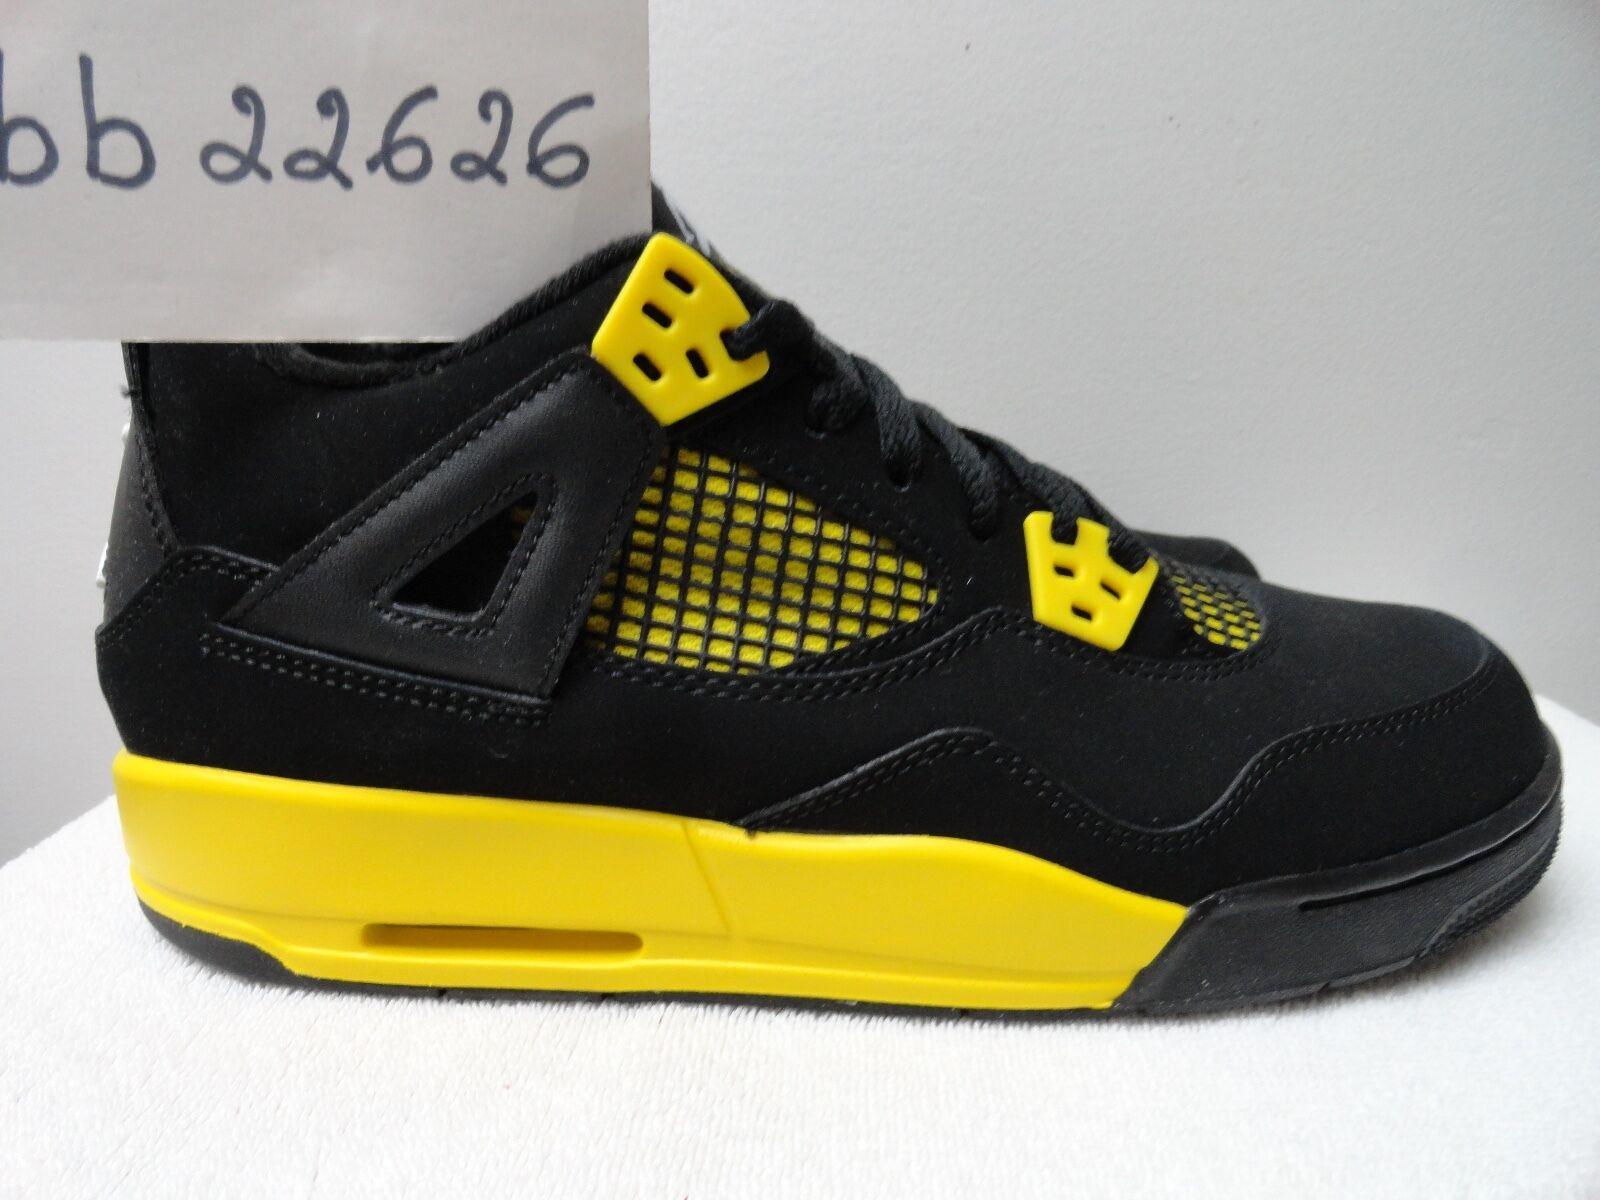 Nike air jordan 4 retrò 2012 taglia 7 nuovi nuovi nuovi in scatola 21457d